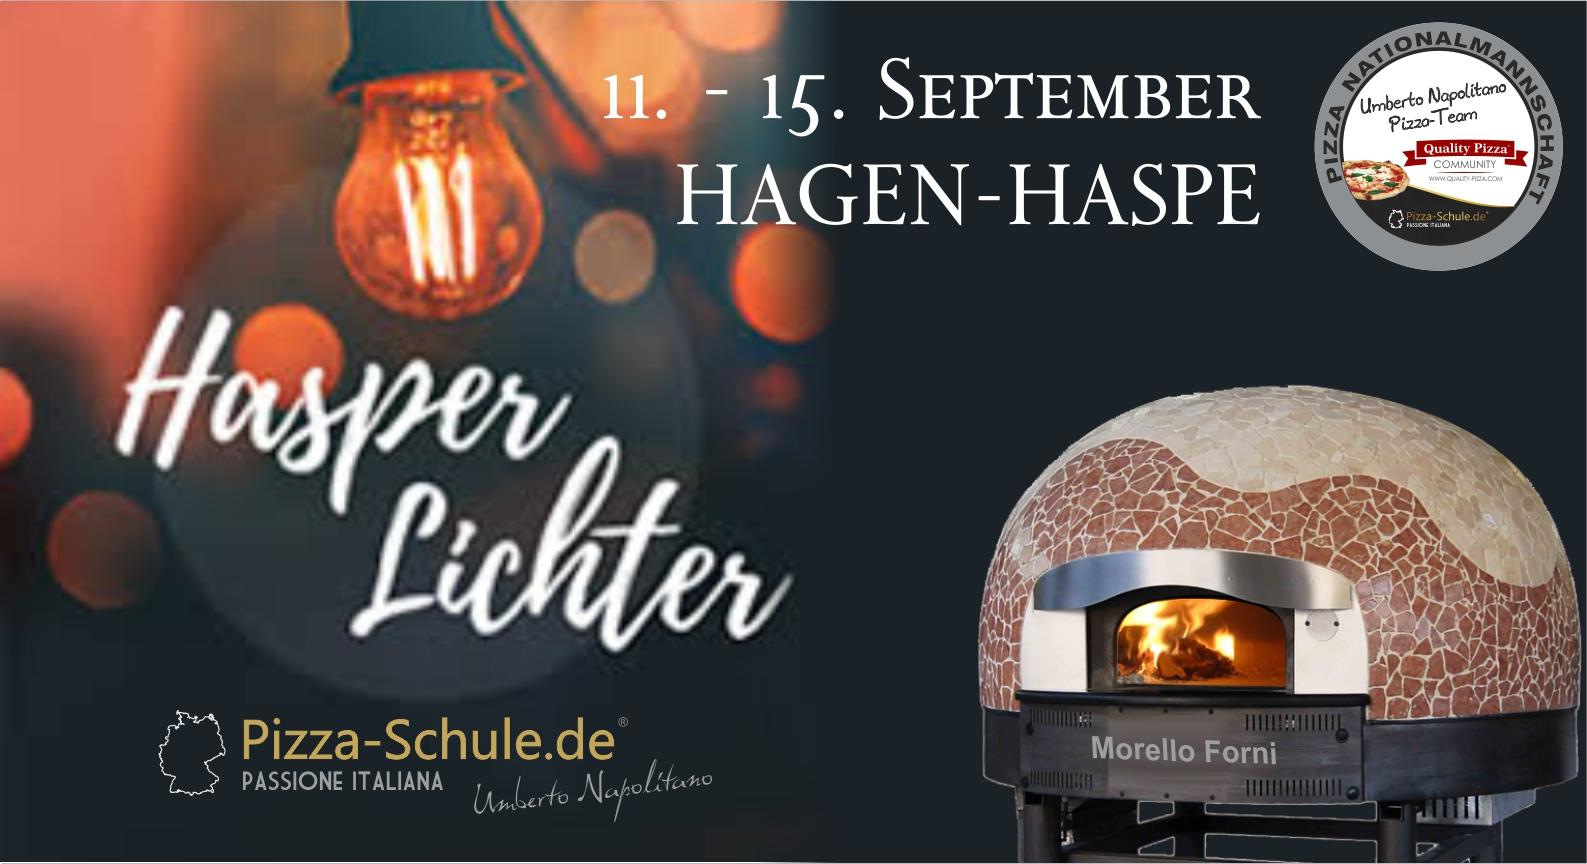 Hasper Lichterfest 2019